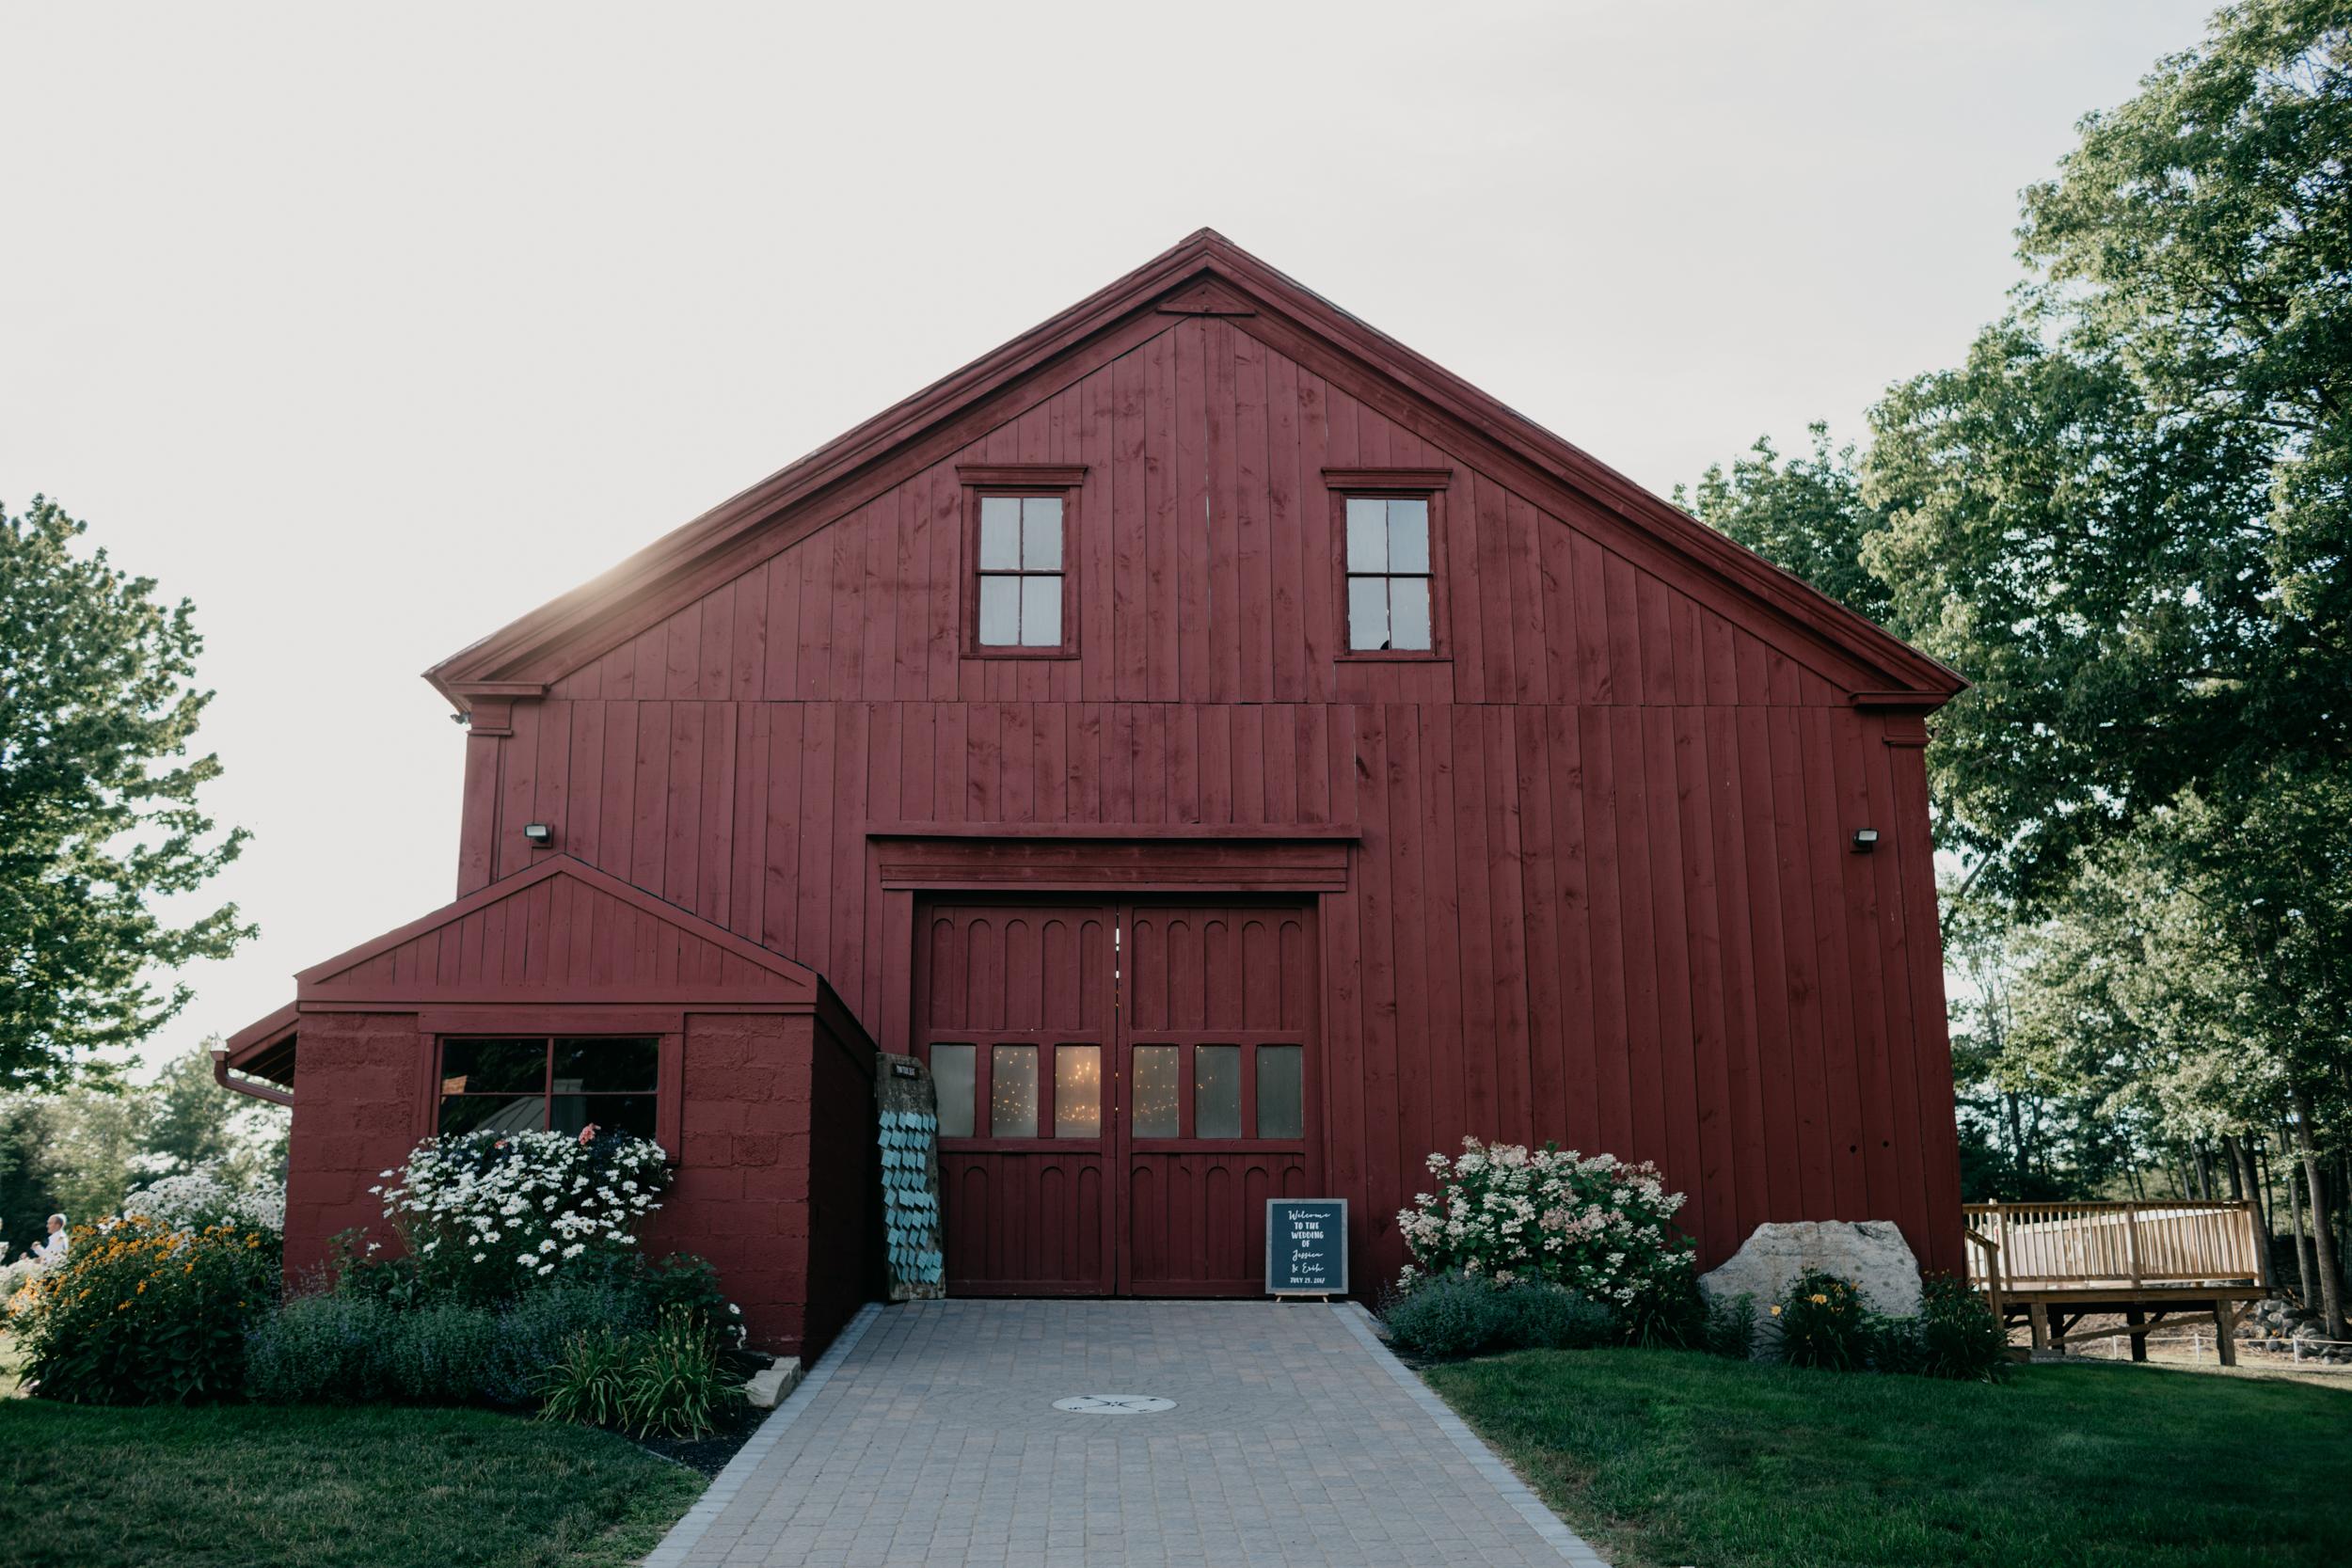 Jessie_Erik_Pownal_Maine_Wedding_William_allen_farm_038.jpg